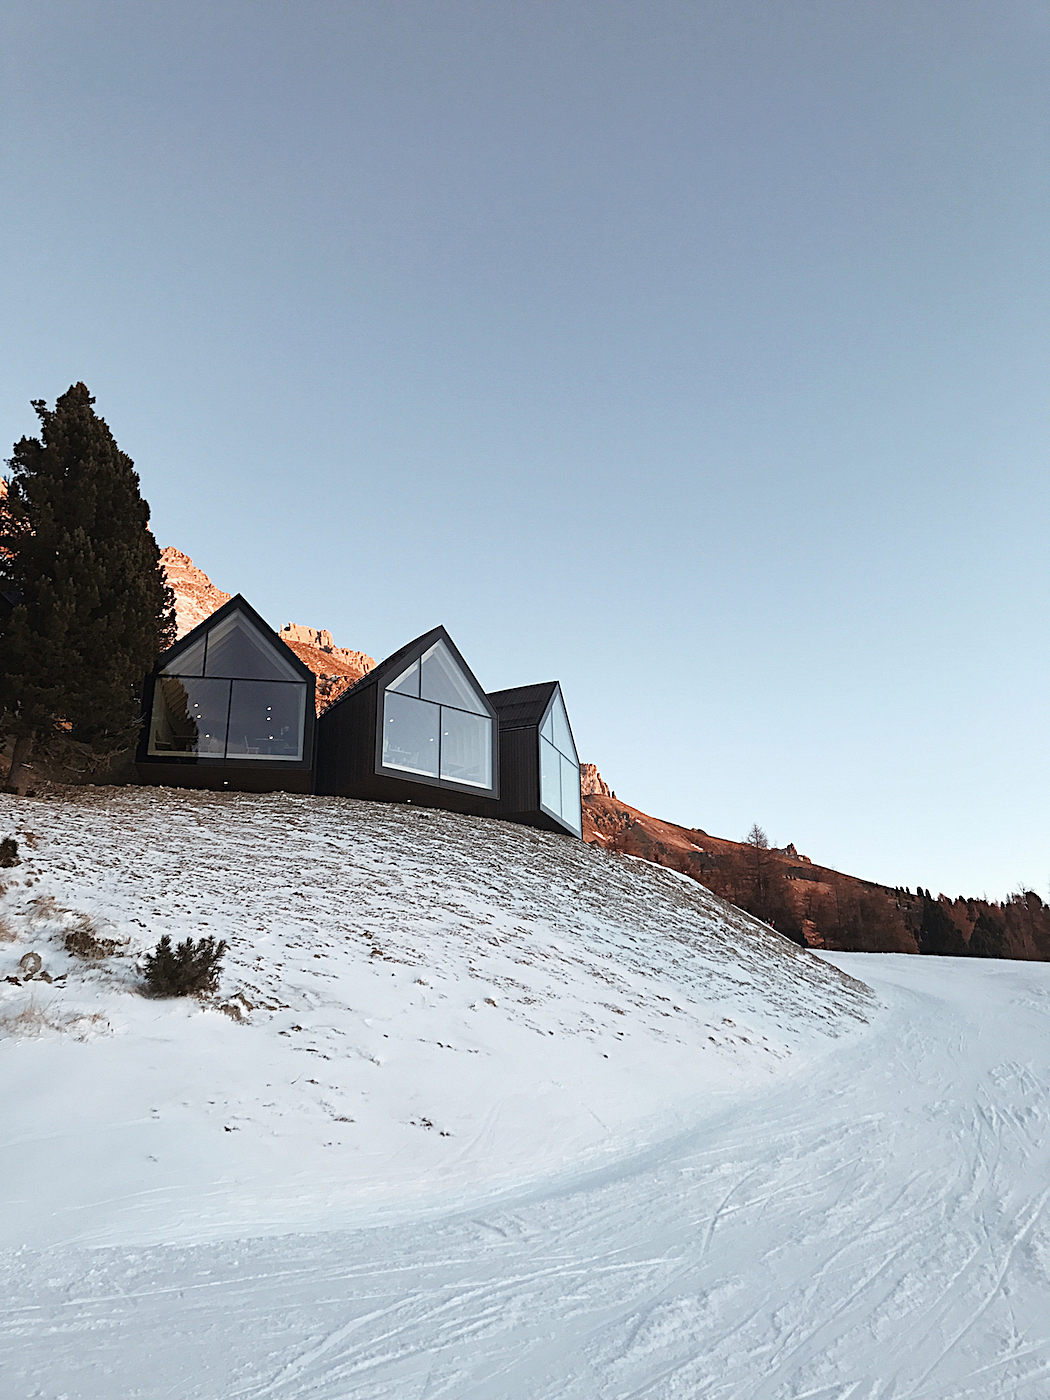 Neue Oberholz Hütte Obereggen _ new alpine hut oberggen _ winterholidays south tyrol - winterferien südtirol, obereggen, skifahren obereggen, skicenter latemar pampeago _ mayerl alm